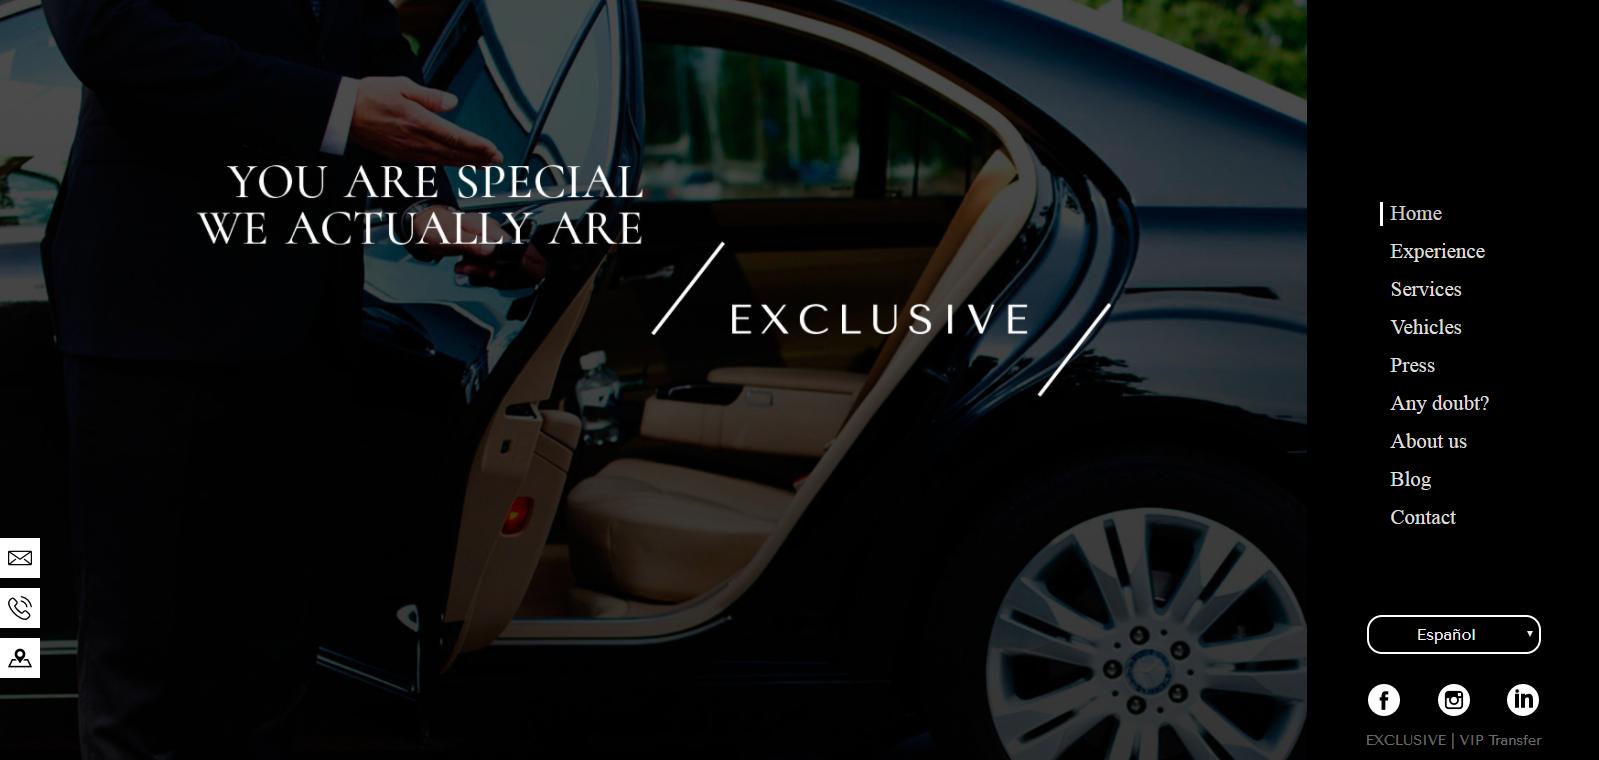 ¿Cómo contratar un servicio de alquiler de coches de lujo con conductor? 1